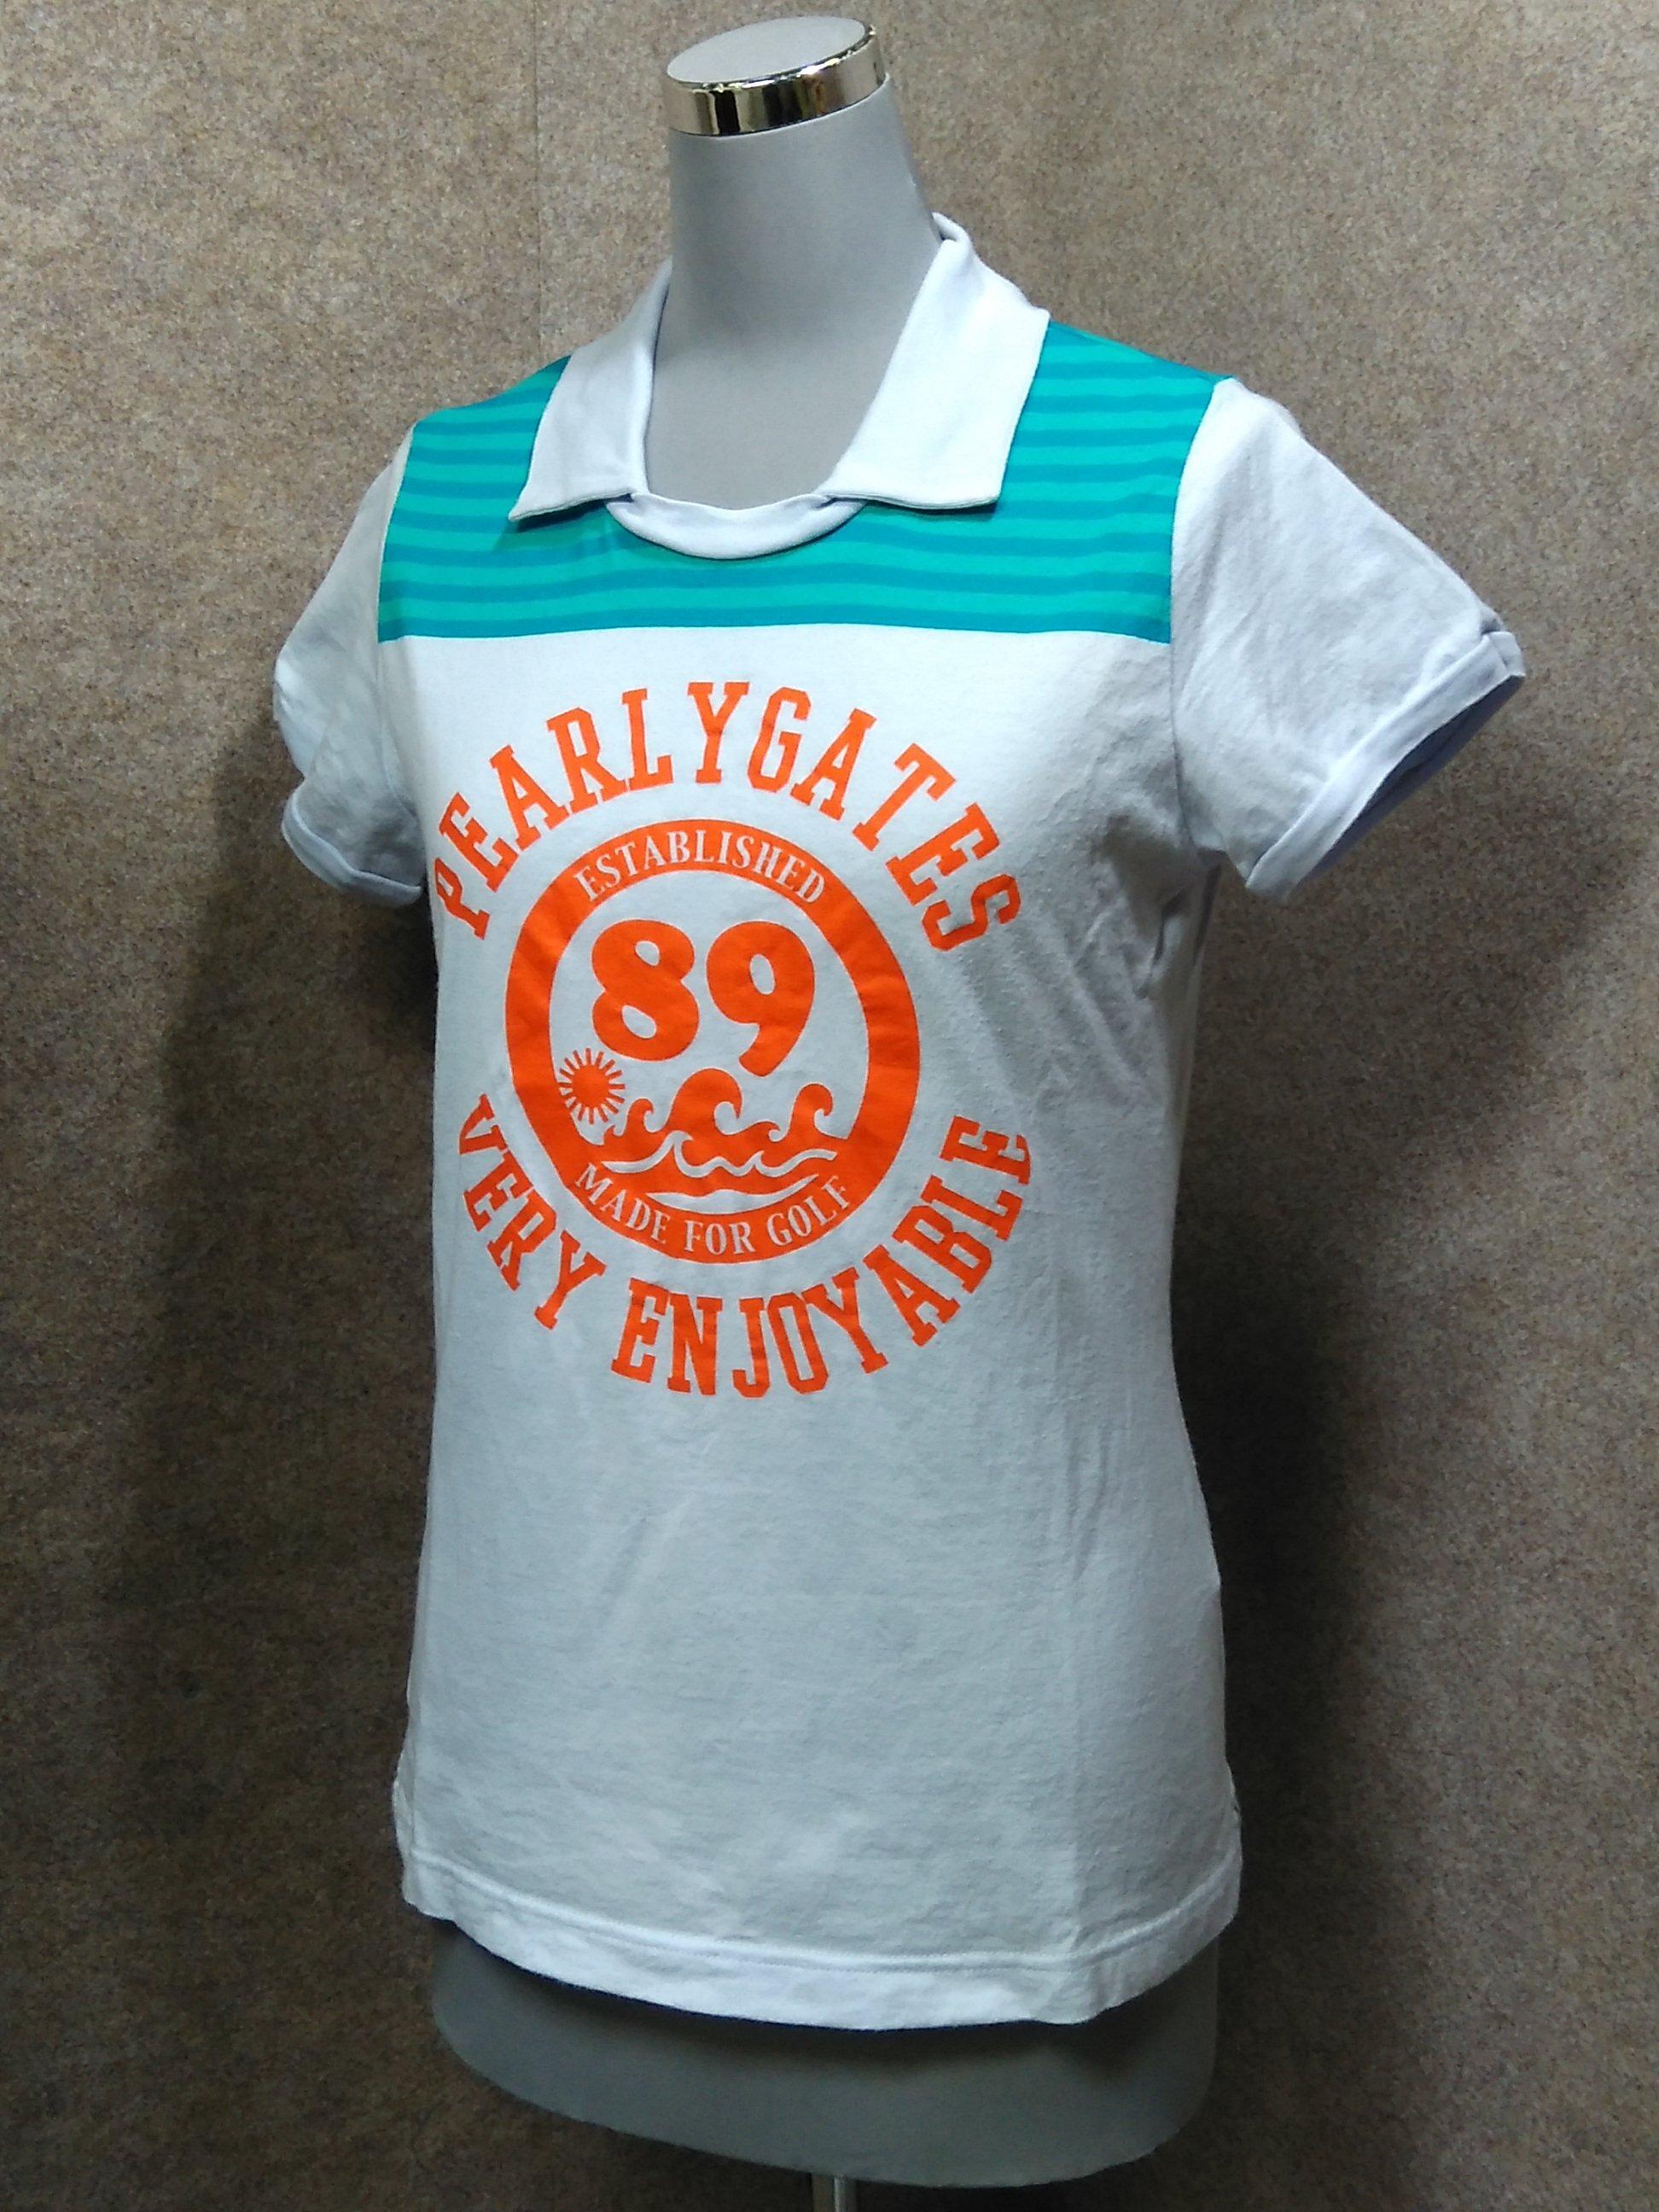 パーリーゲイツ レディース Tシャツ 襟付き 0 ライトグレー系 y1339j